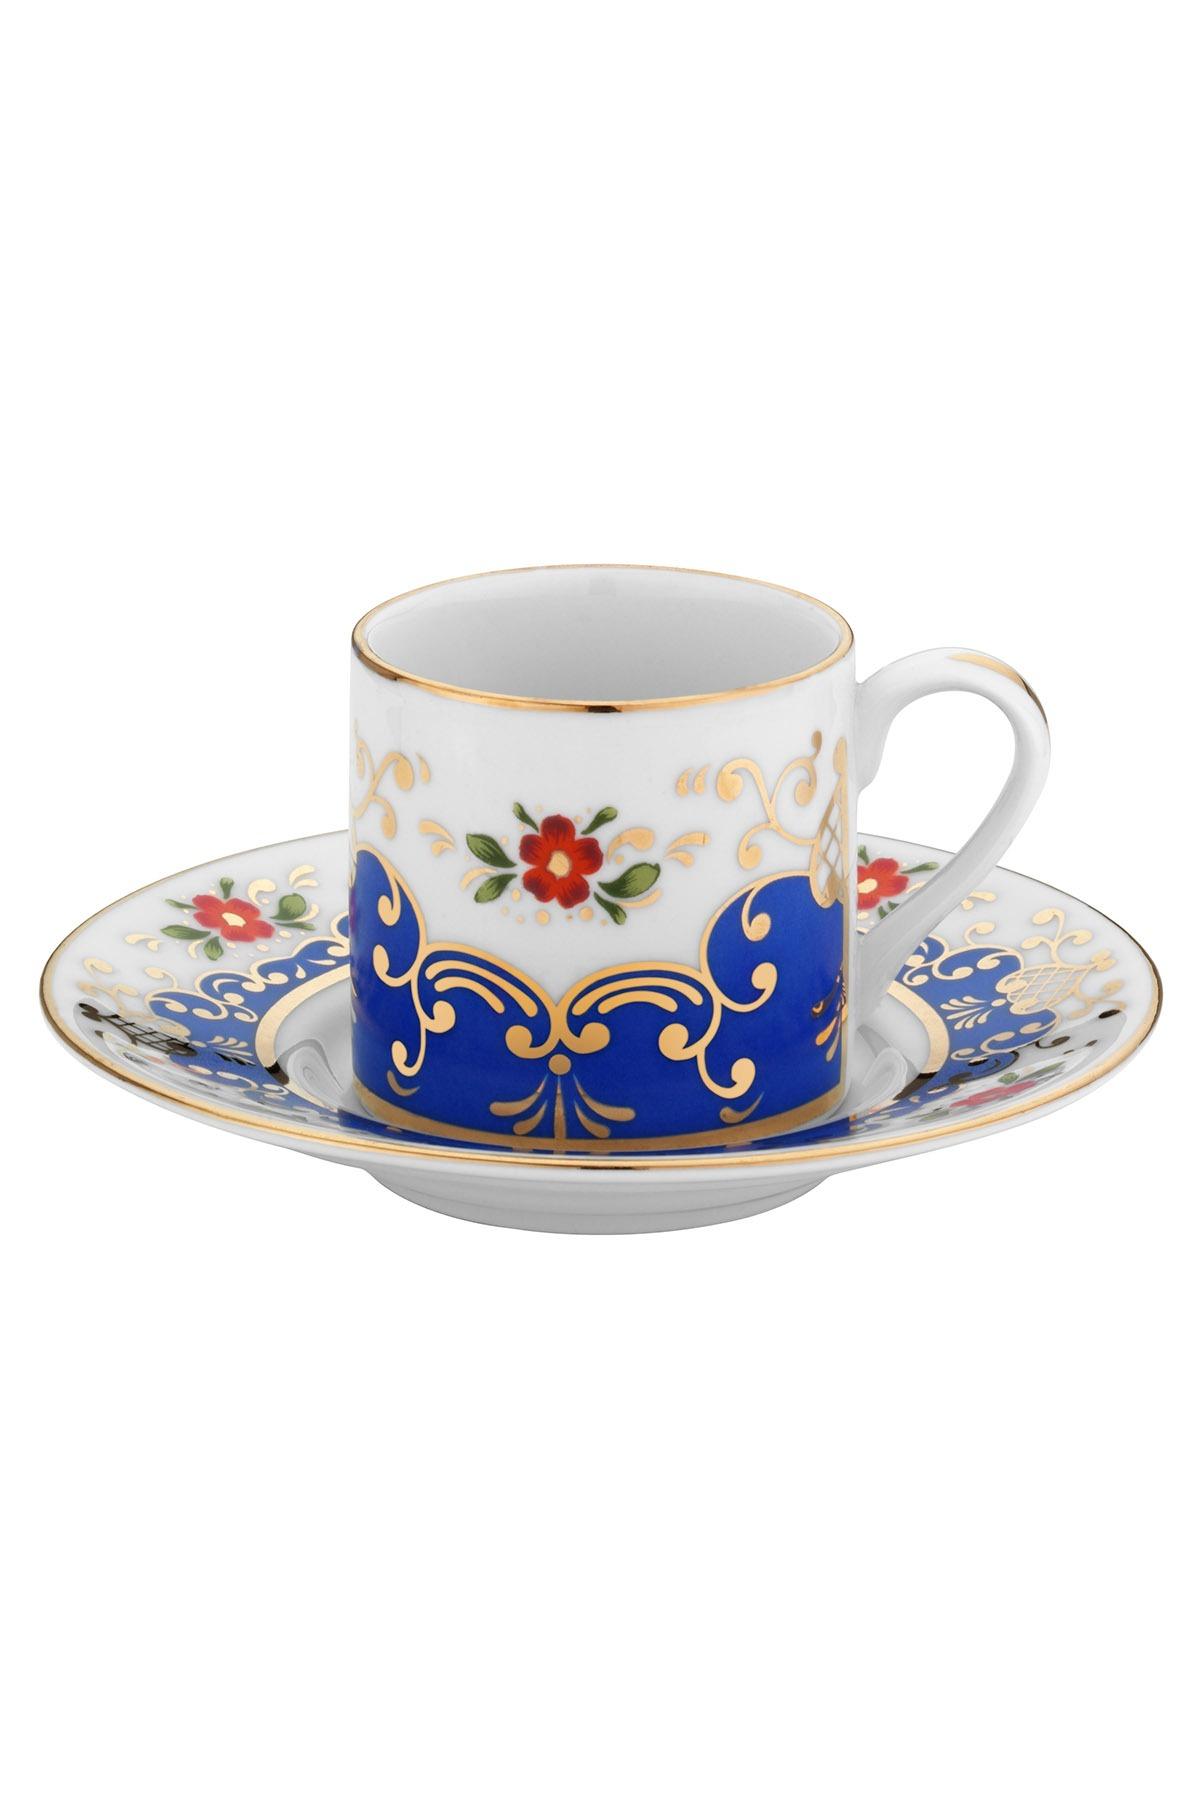 Kütahya Porselen - Kütahya Porselen Rüya 3860 Desen Kahve Takımı